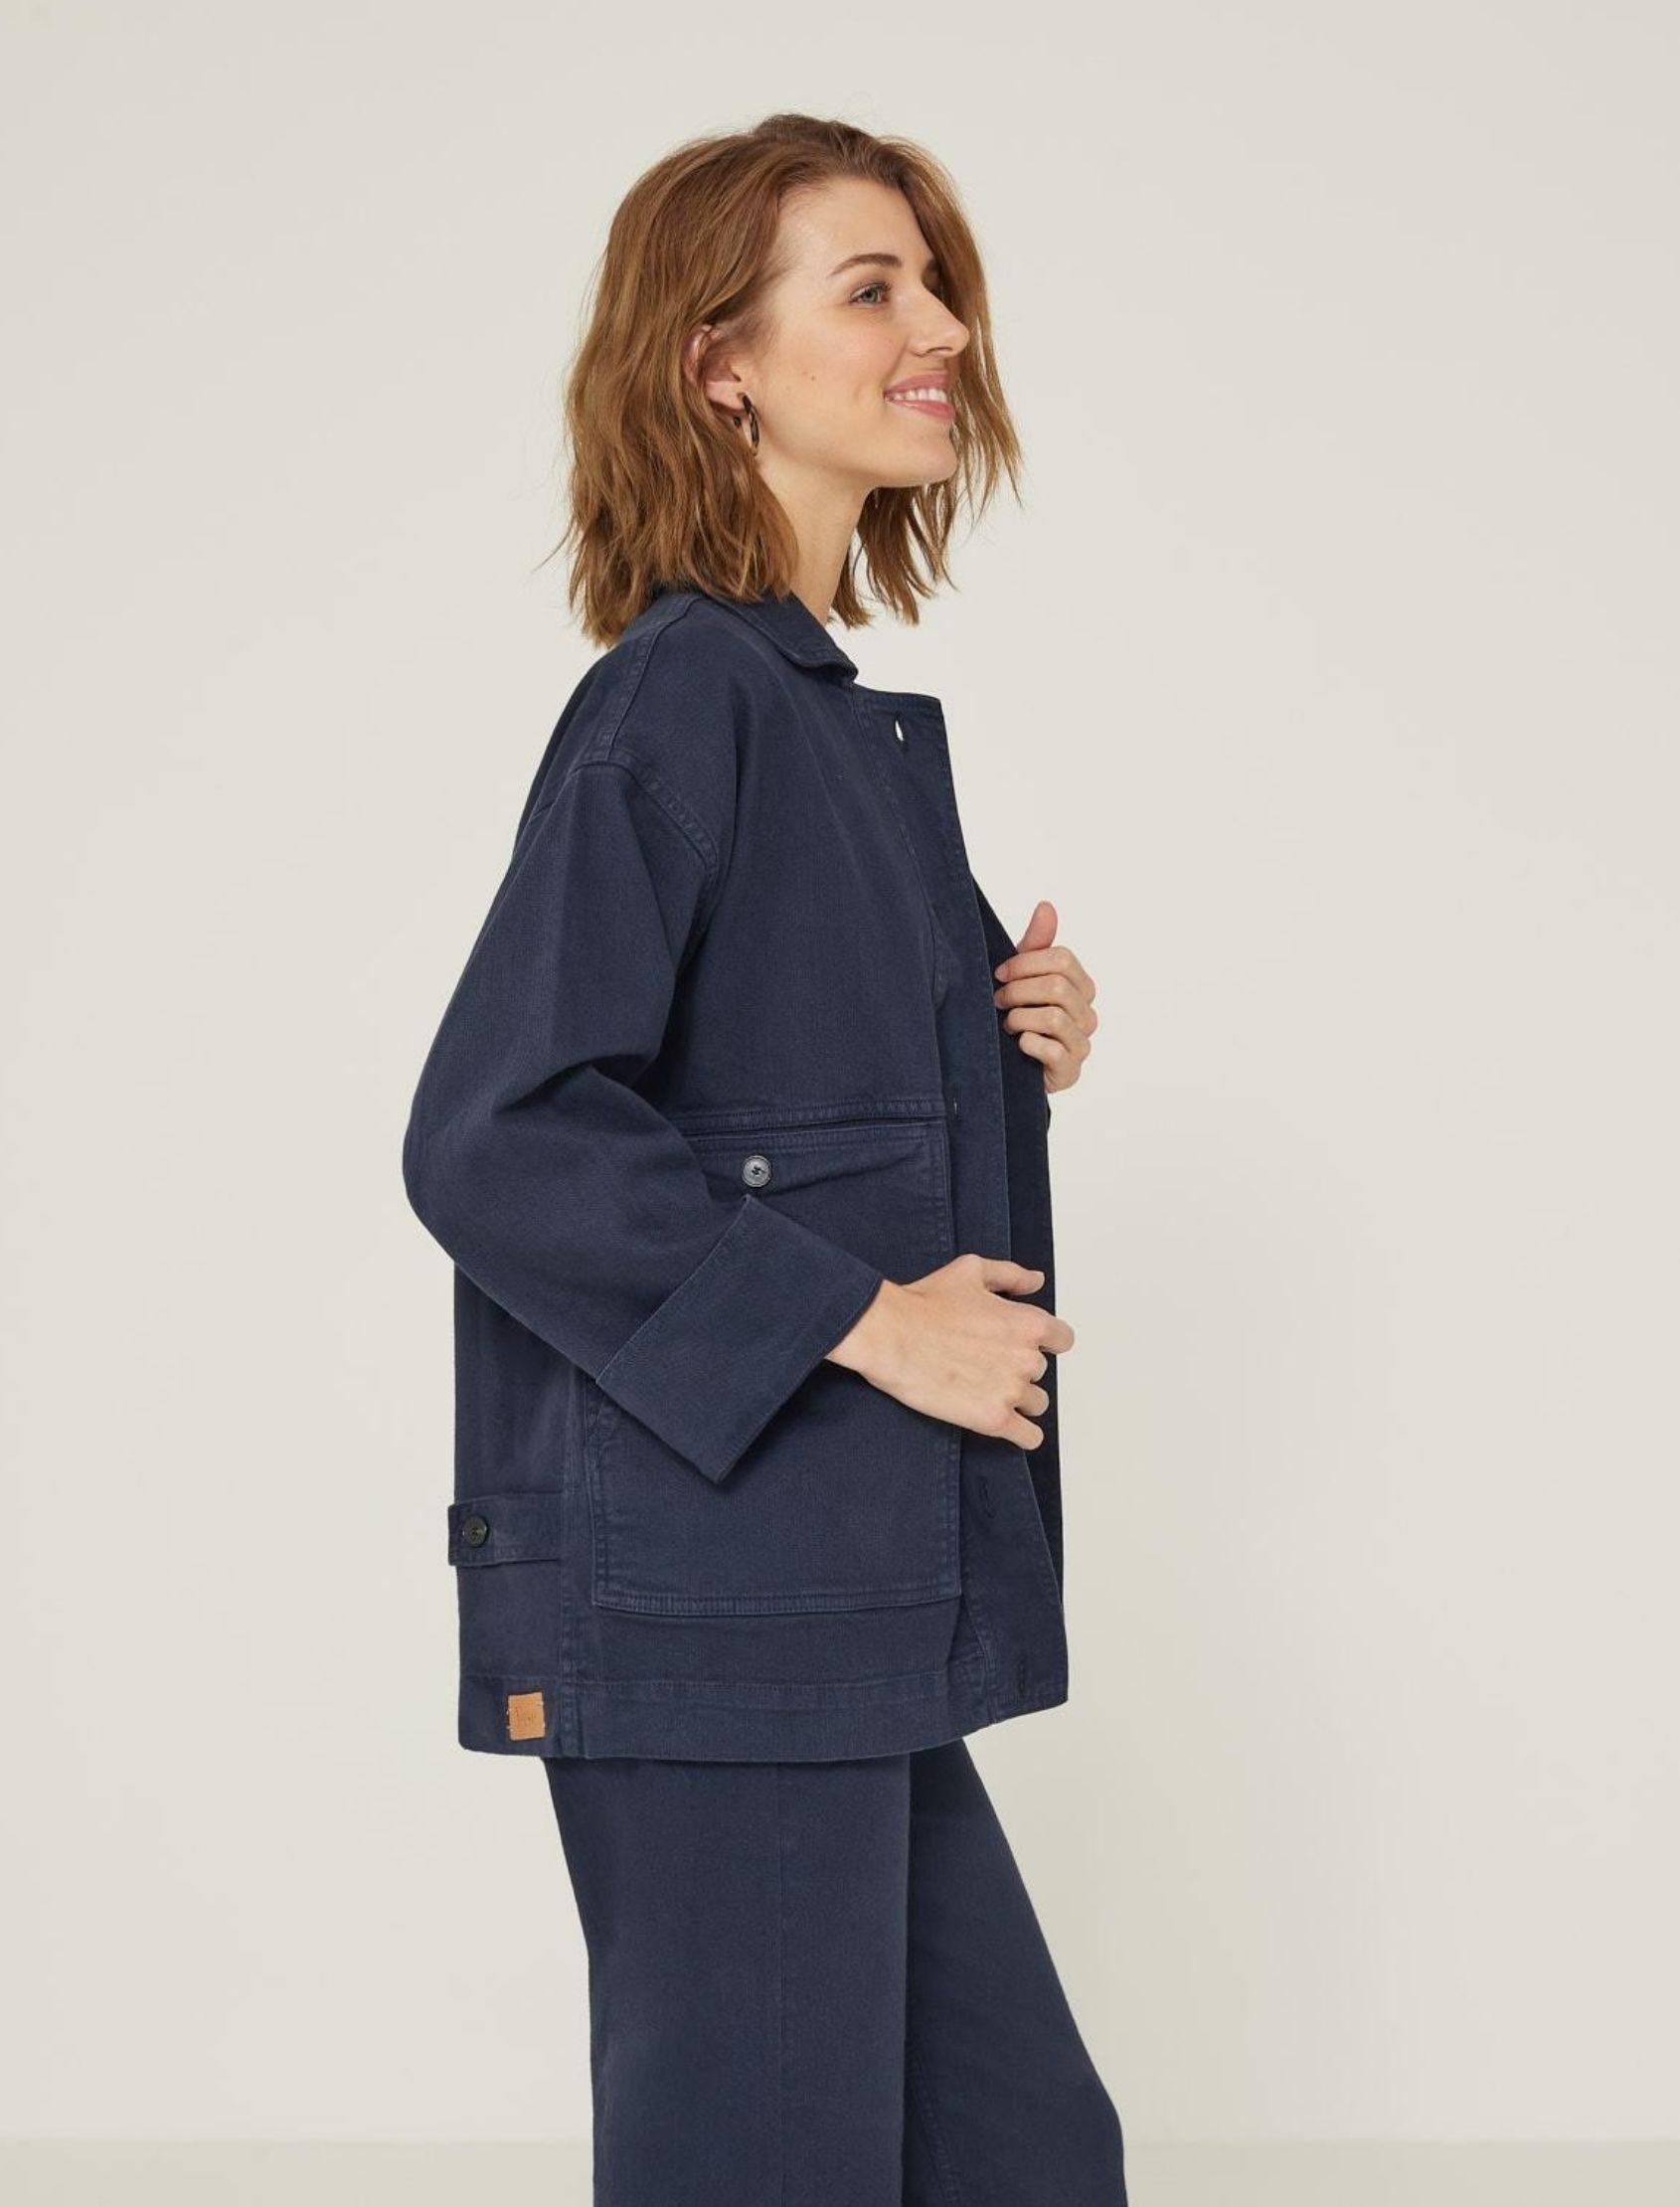 modelo con chaqueta denim maxi en color azul marino de estilo oversize de yerse